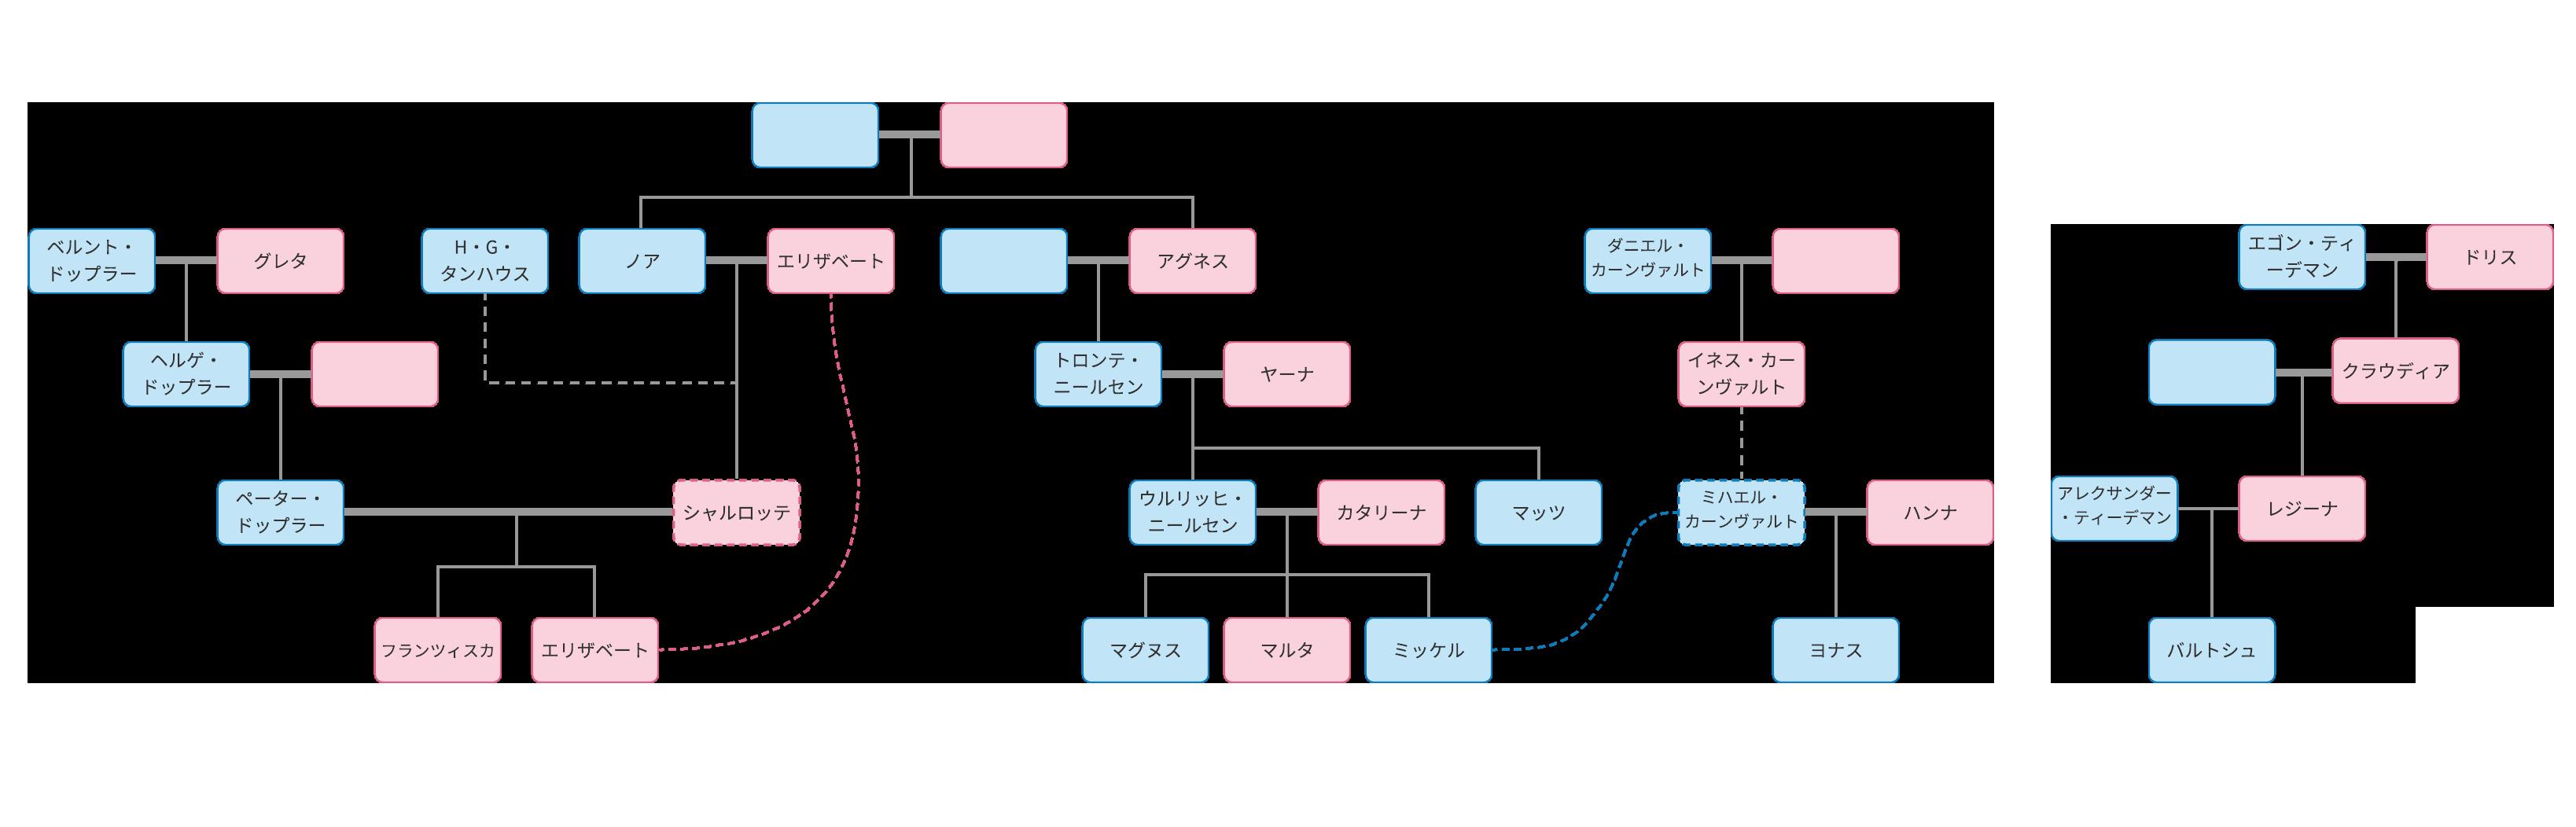 ダーク家系図(ネタバレ有)